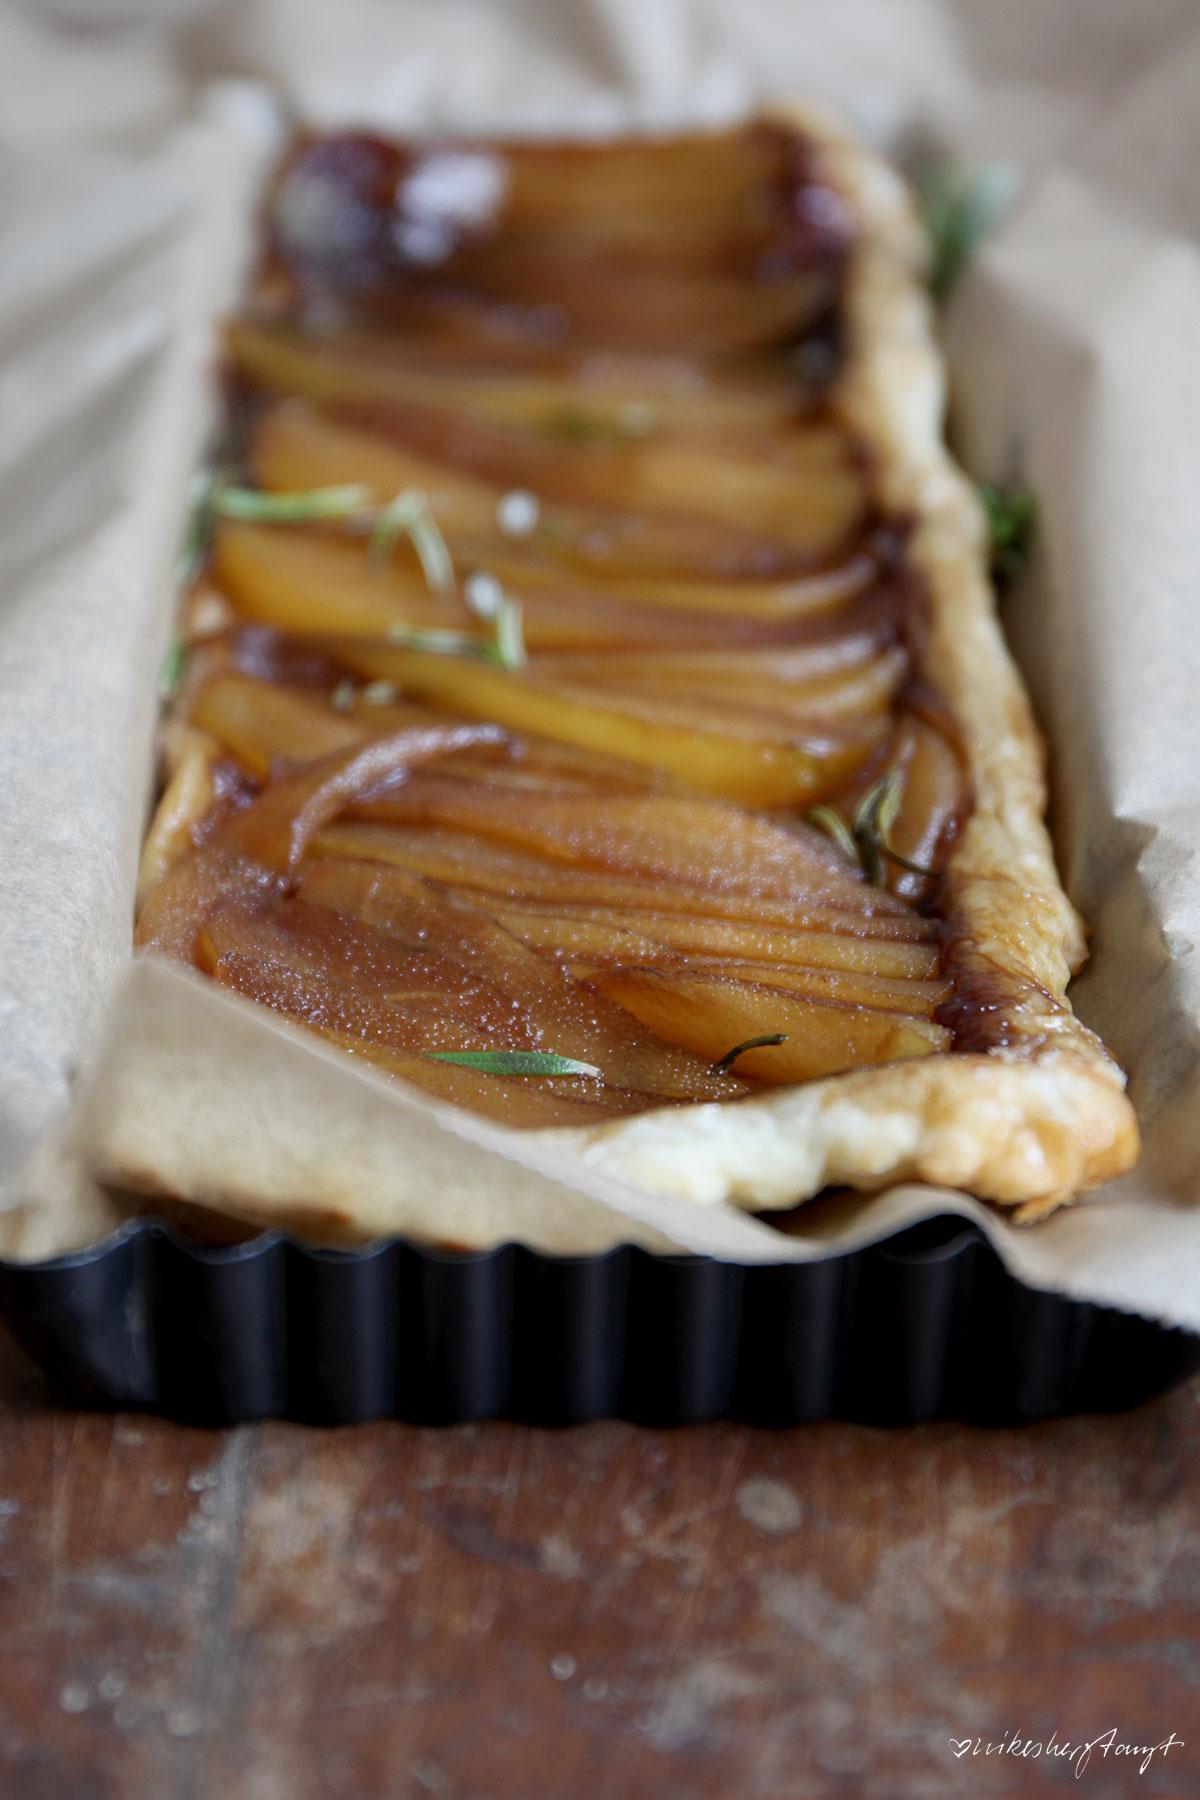 tarte tatin mit birne & rosmarin, birnenkuchen, blätterteig, schnell, lecker, food, blog, nikesherztanzt